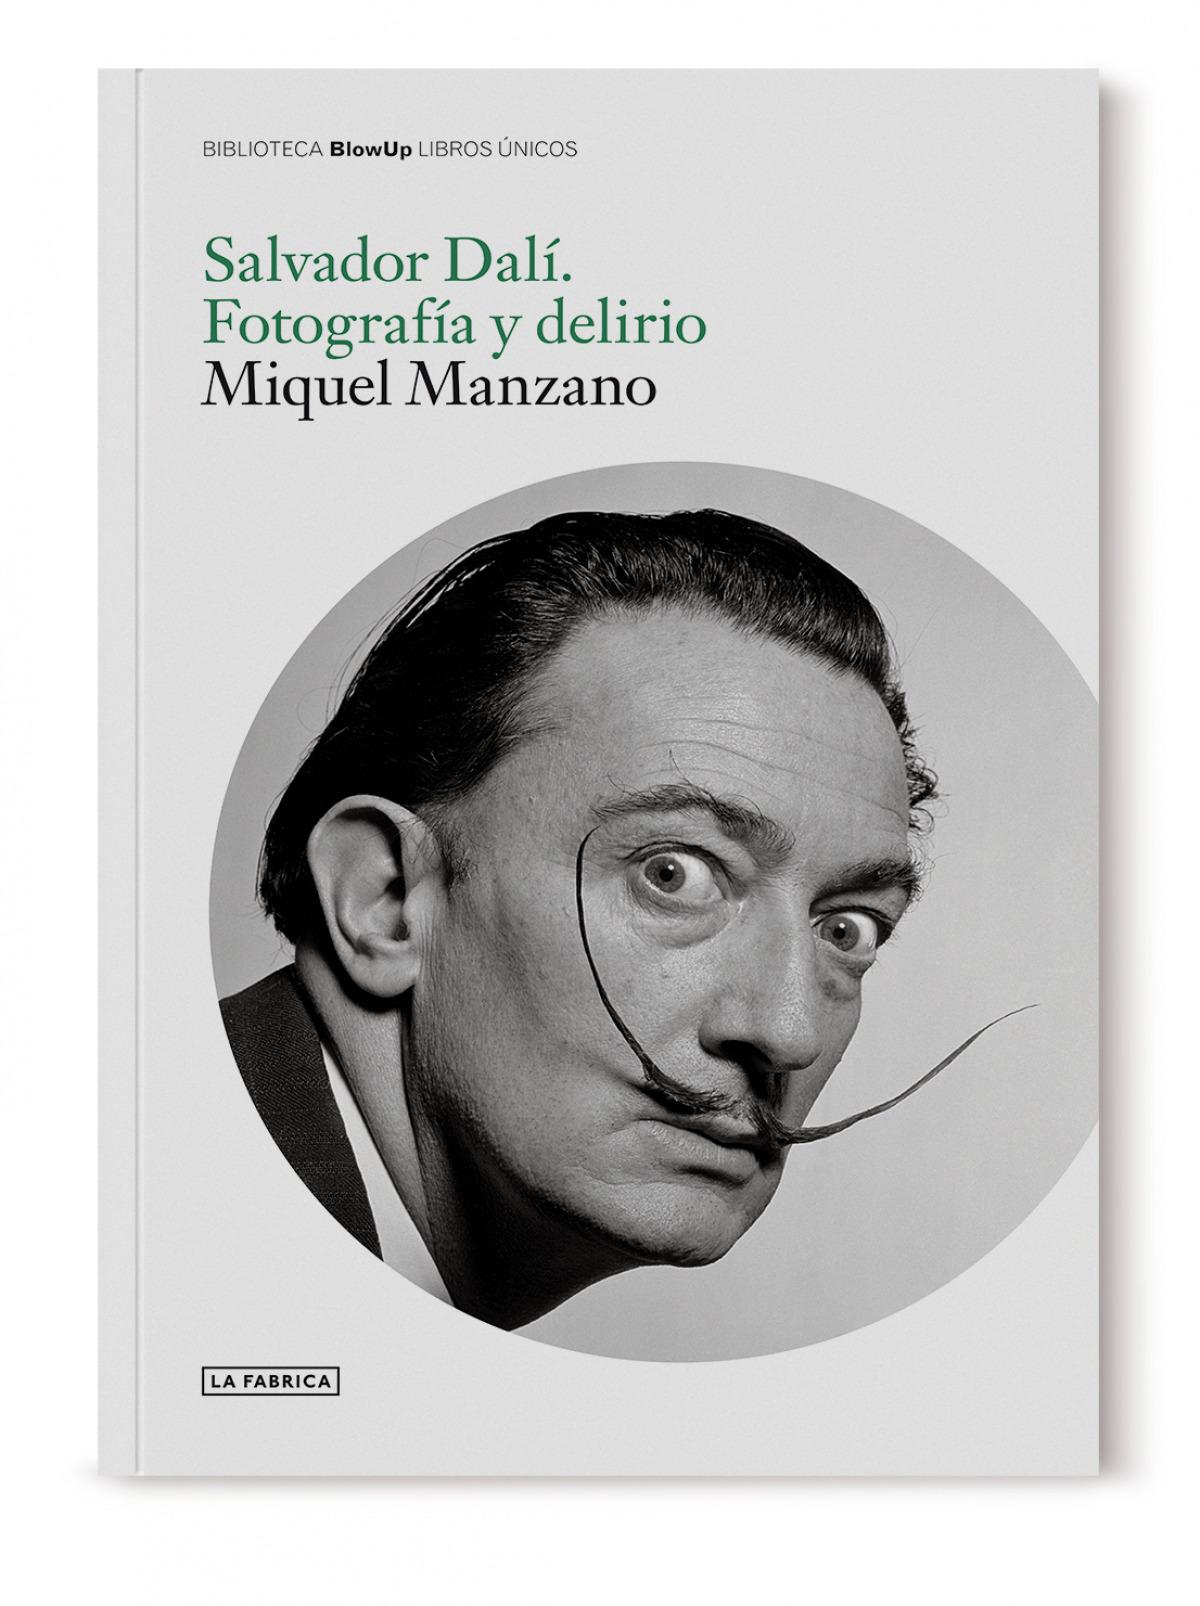 Salvador Dalí. Fotografía y delirio.